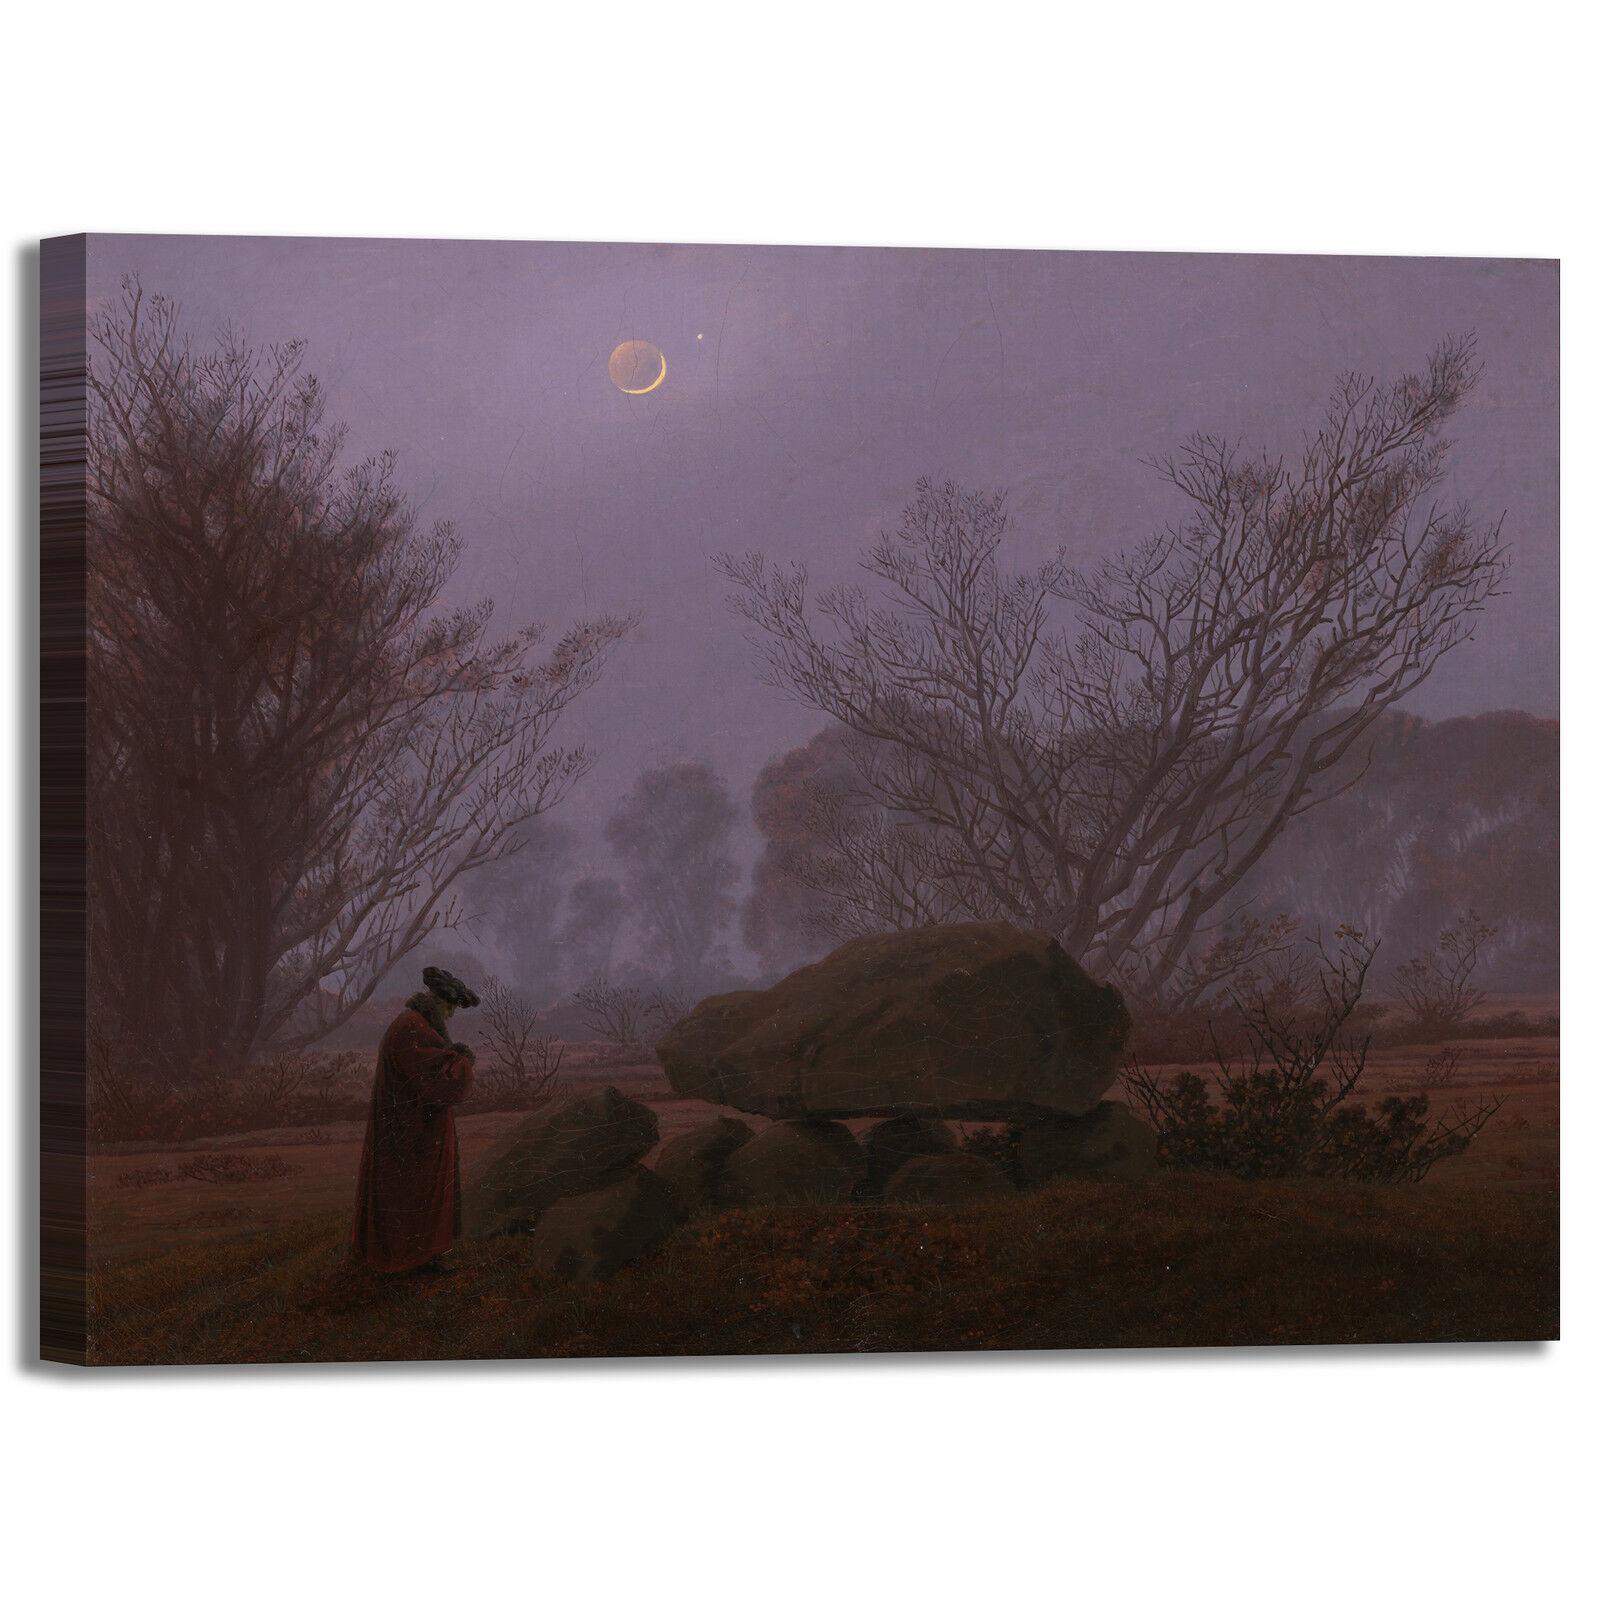 Caspar passeggiata al crepuscolo quadro casa stampa tela dipinto telaio arRouge o casa quadro 38bf60